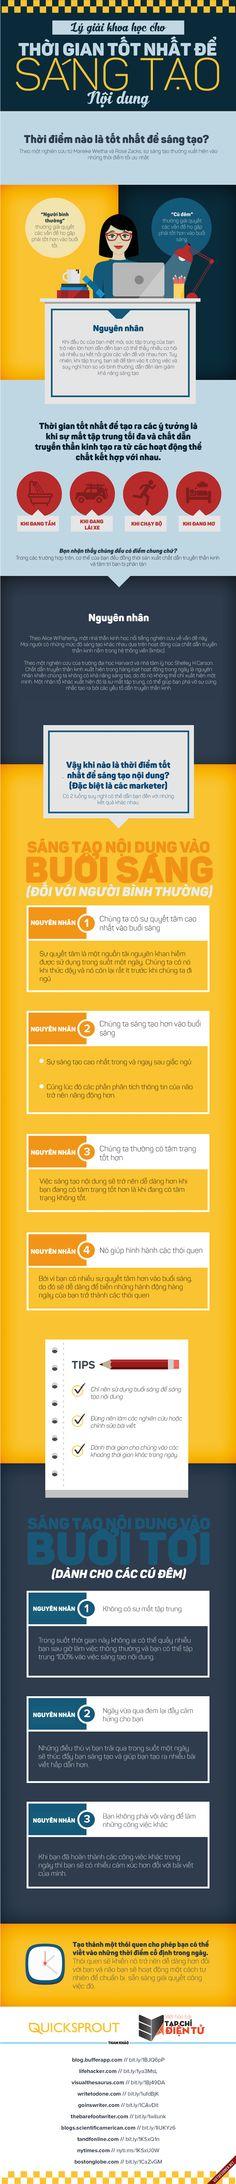 infographic, sáng tạo, viết bài, thời gian tốt nhất, creative